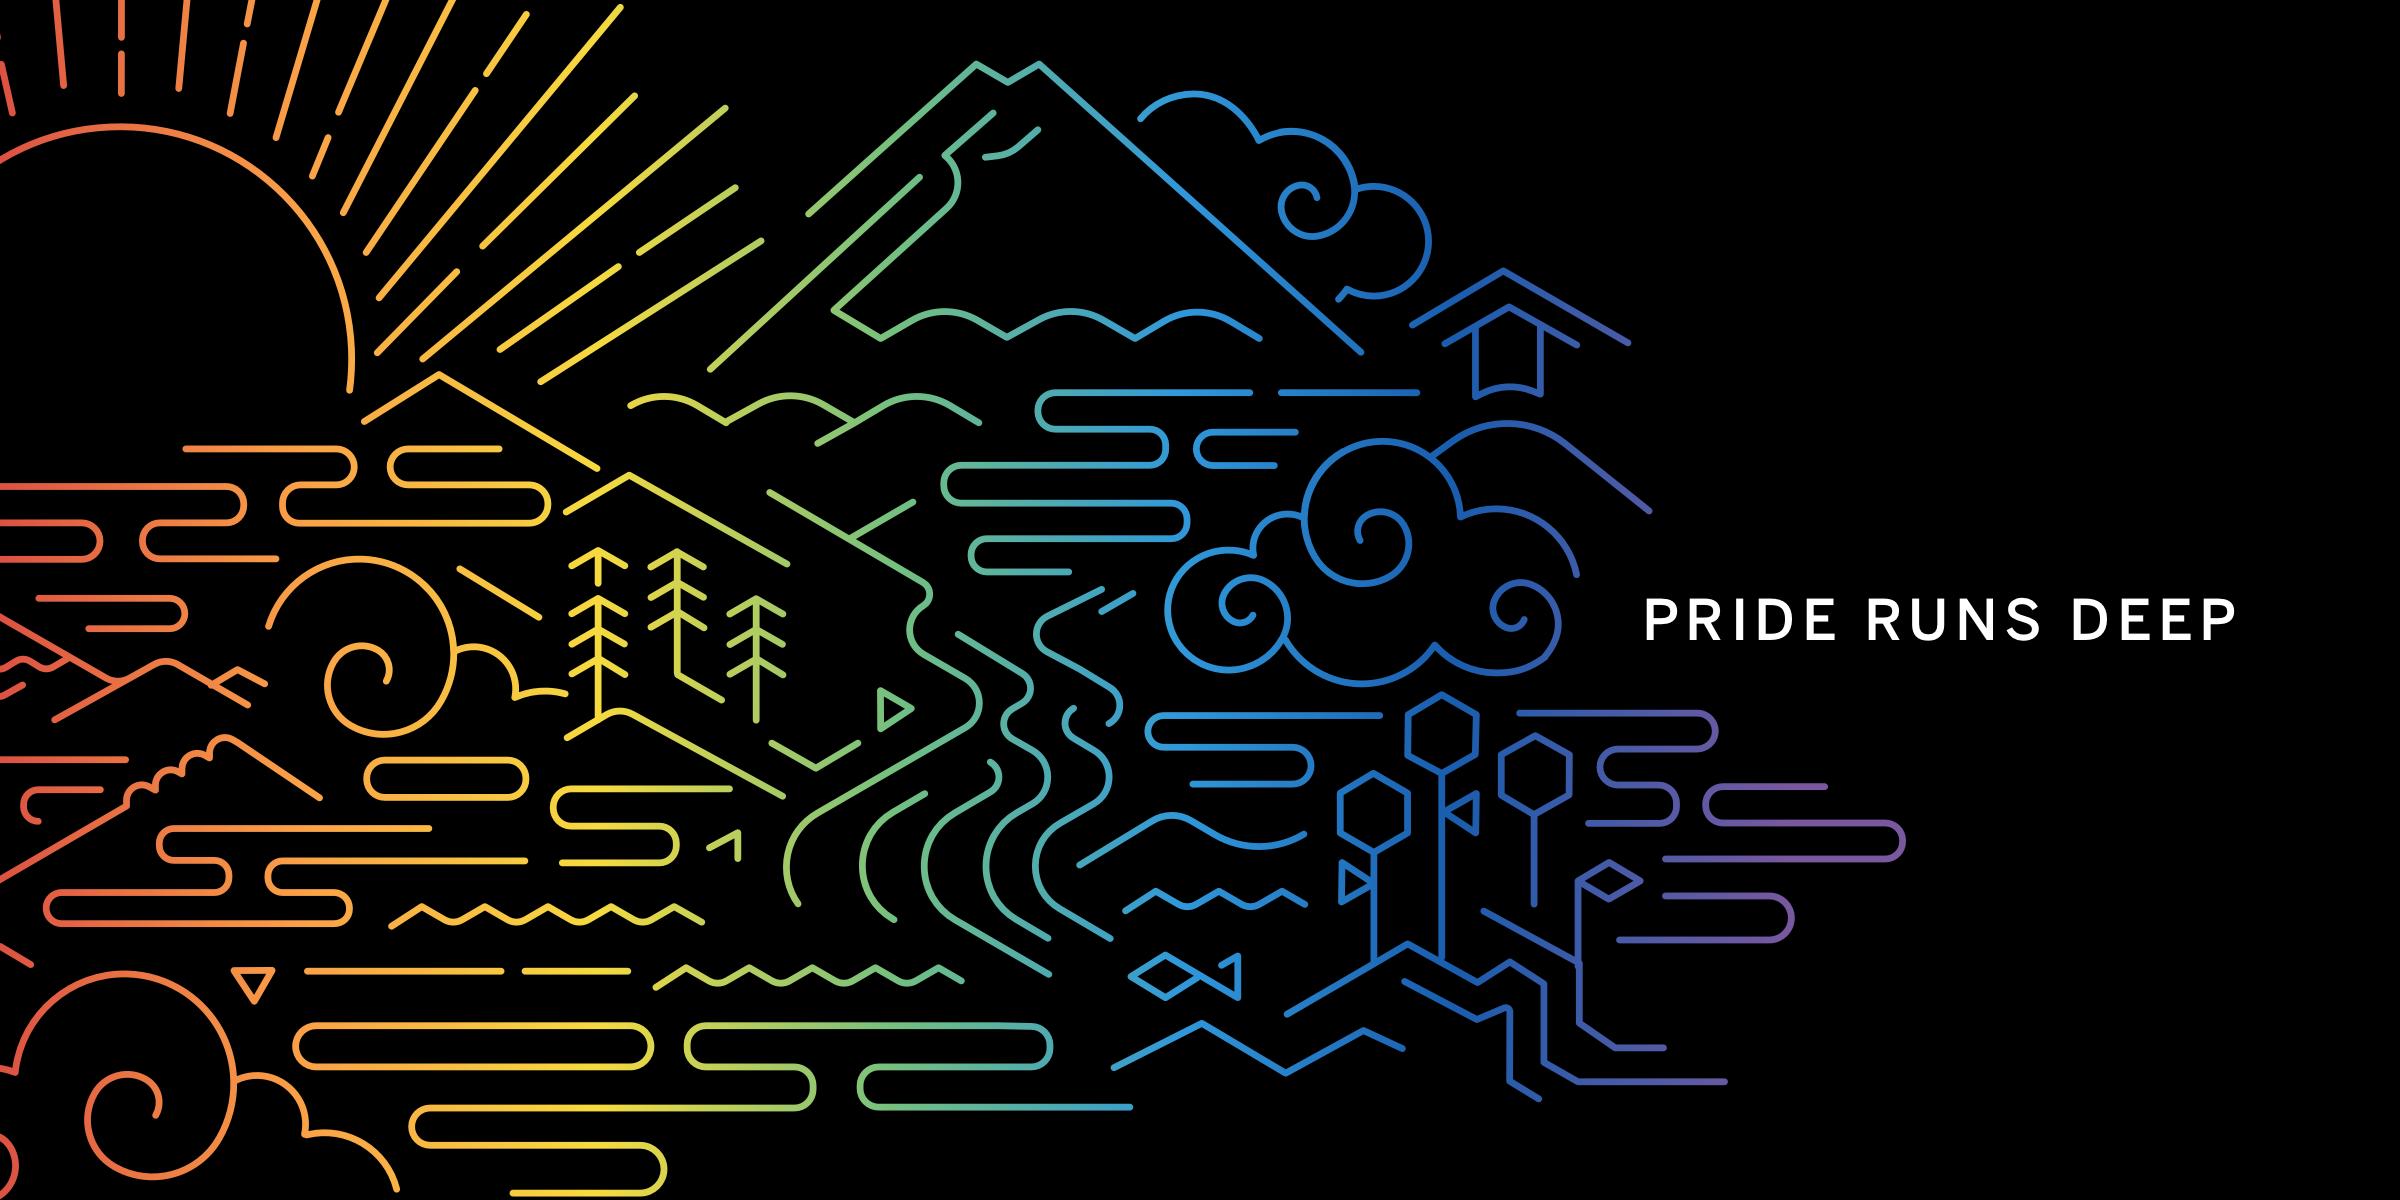 pride-runs-deeps